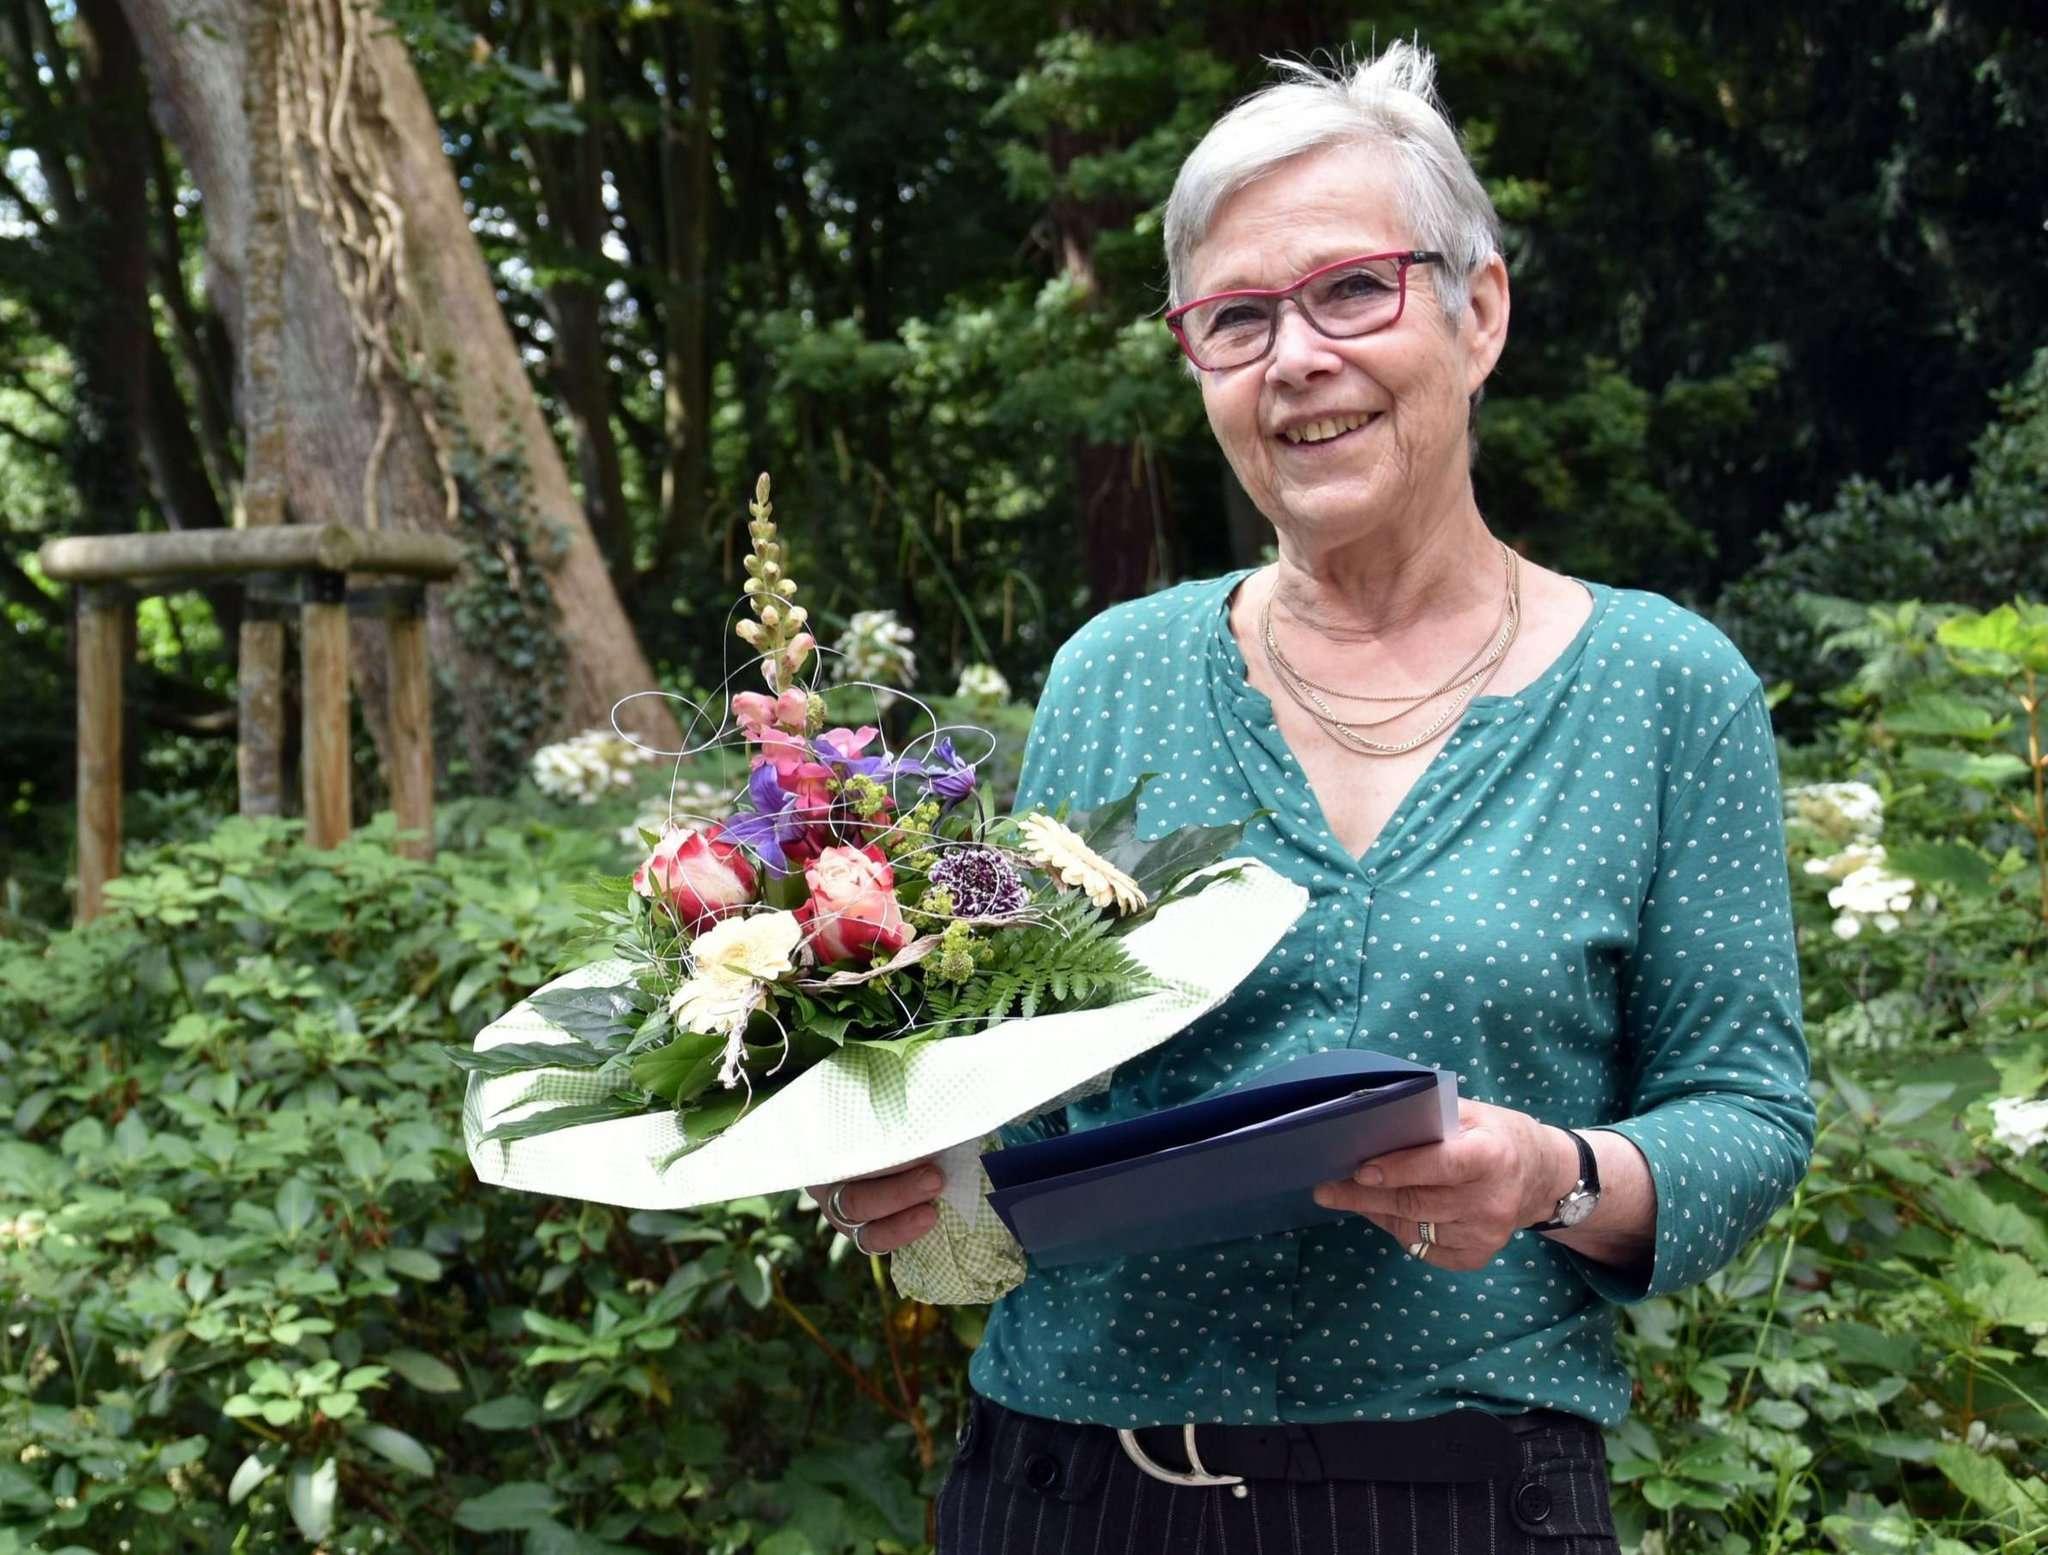 Zur Auszeichnung durch Landrat Hermann Luttmann gab es für Brigitte Mintenbeck noch einen Blumenstrauß dazu.